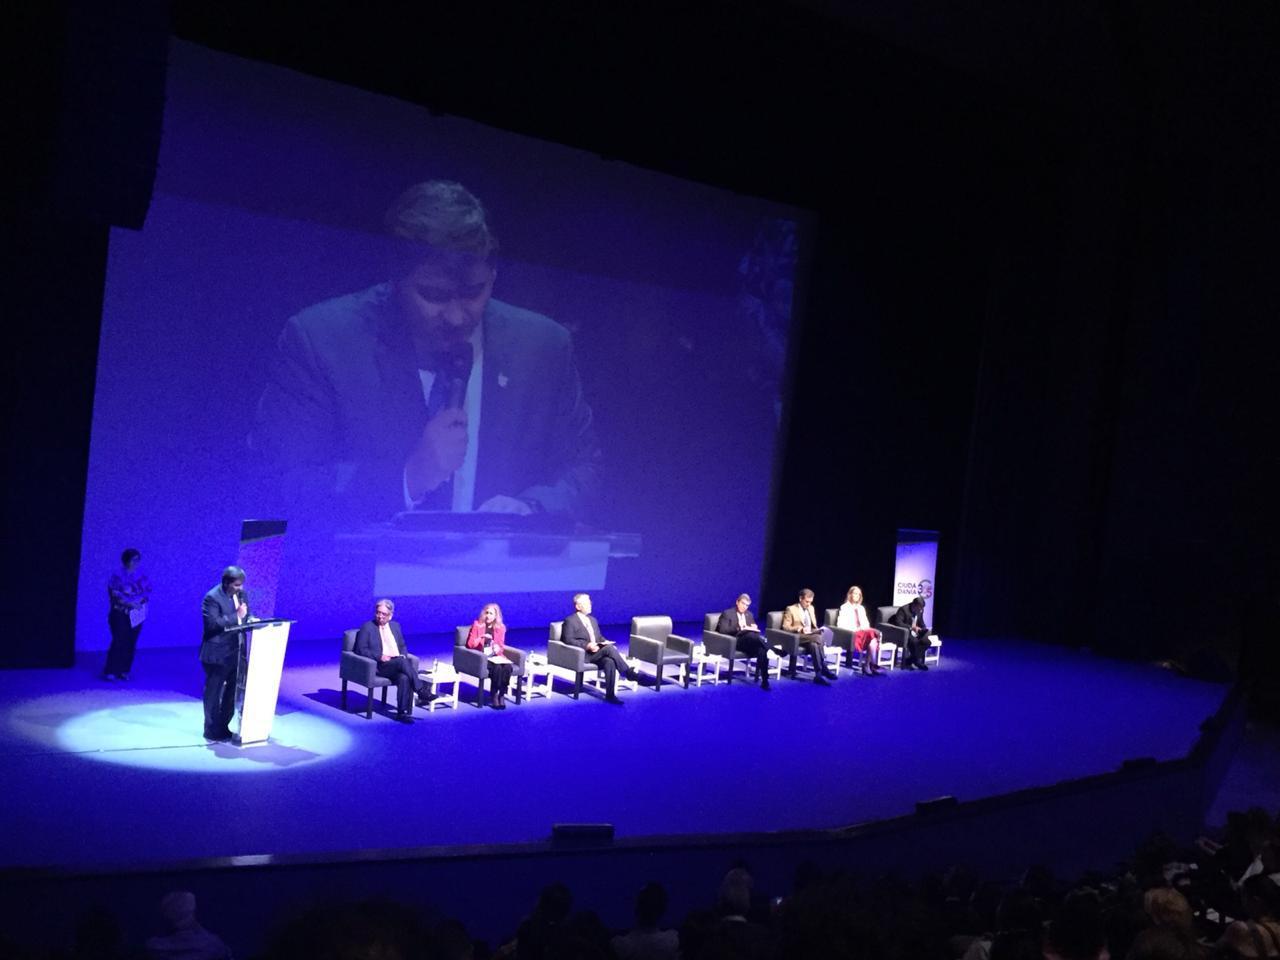 ICAP participa en el X Congreso Latinoamericano en Ciencias Políticas en México